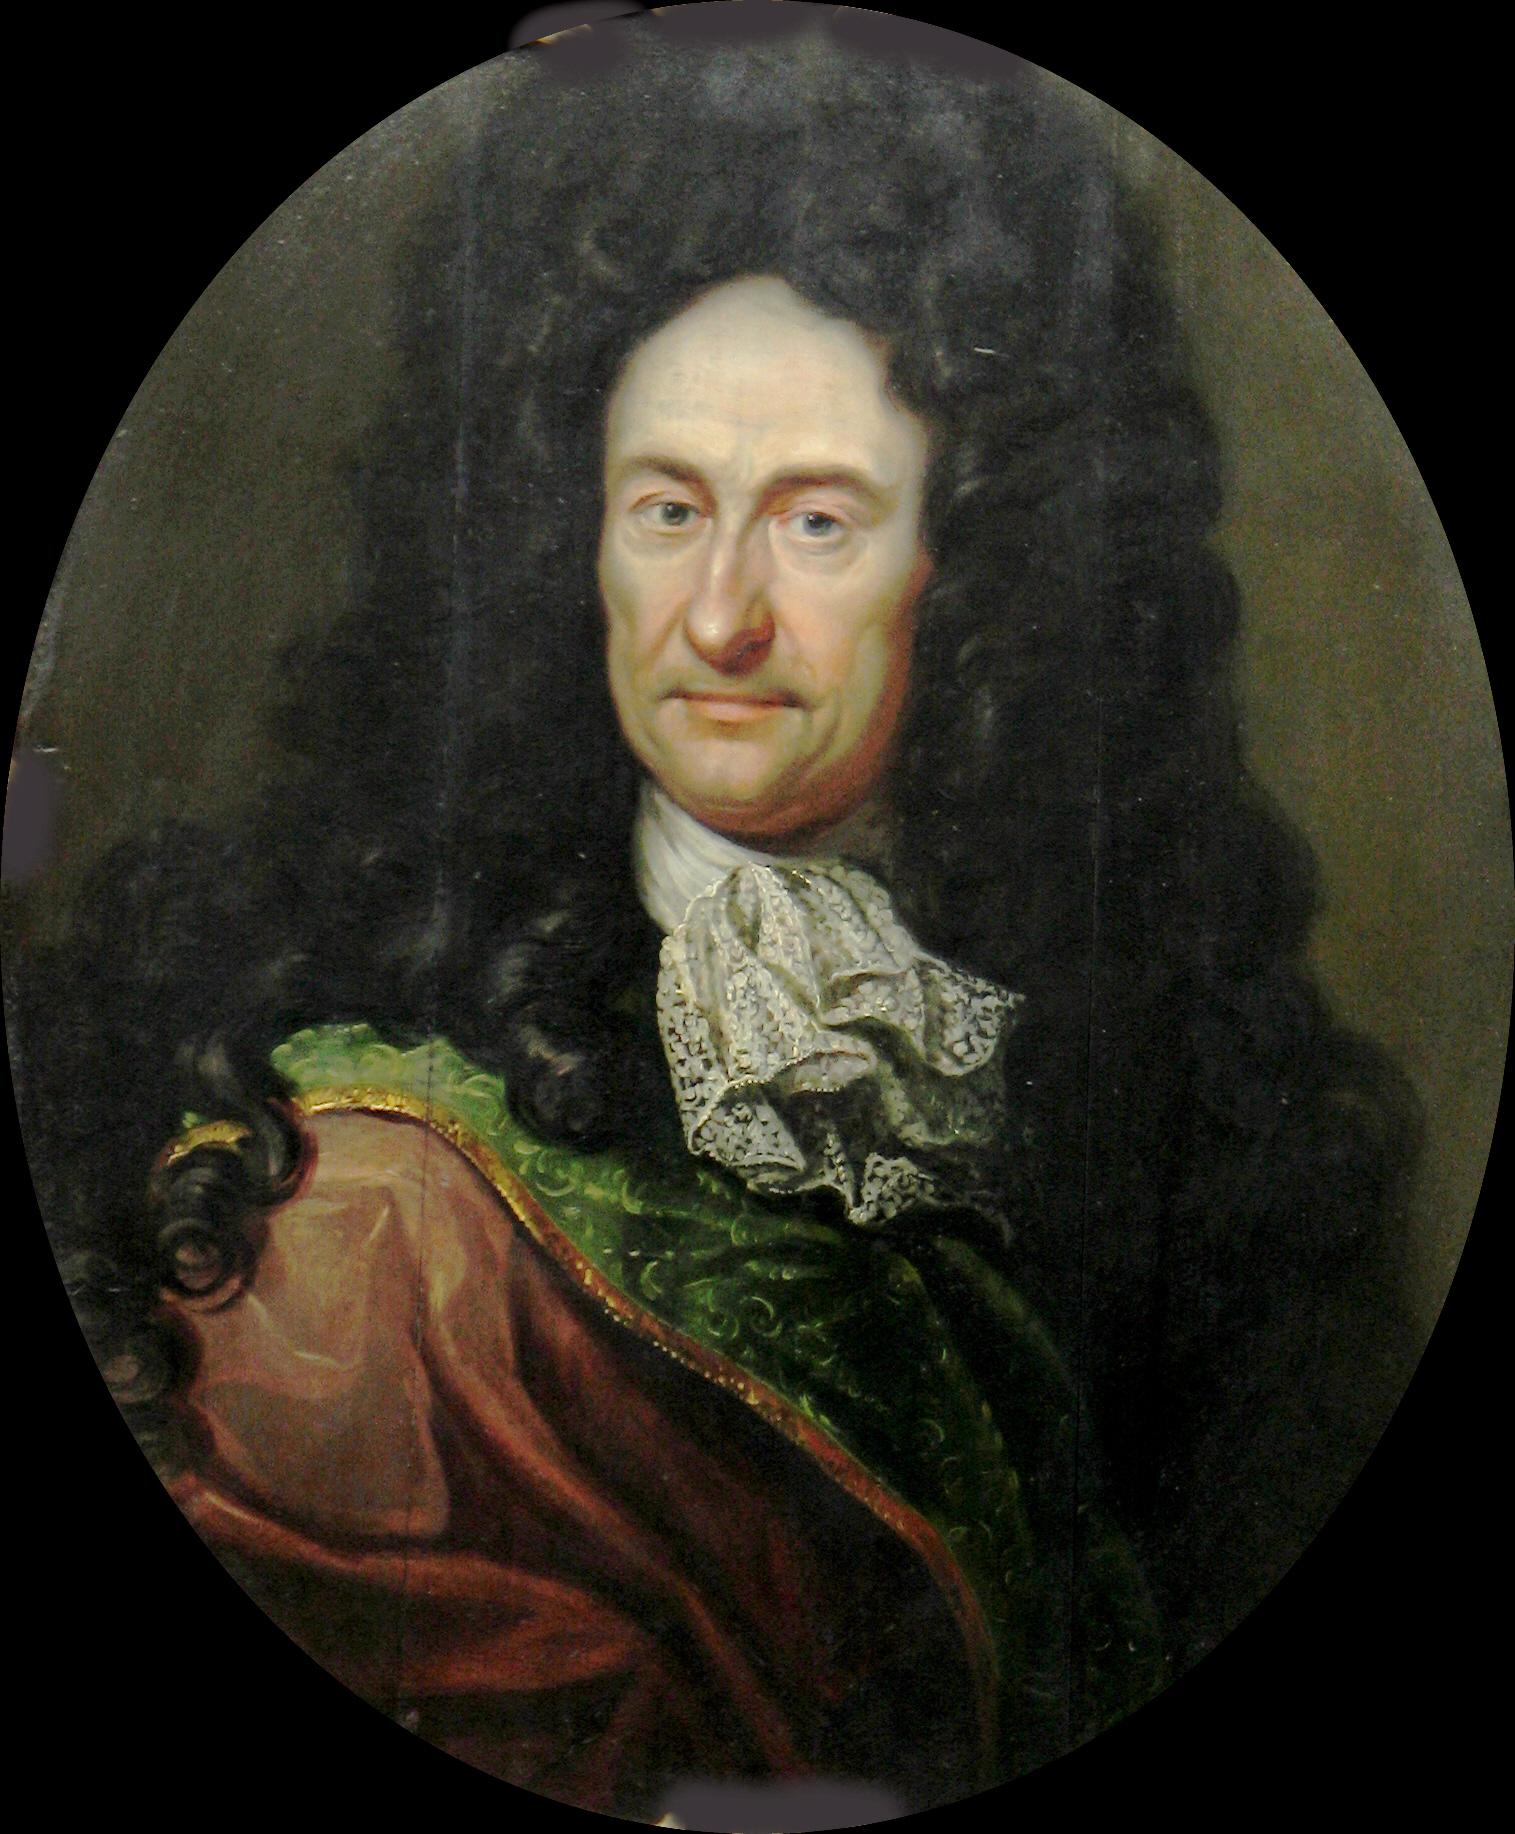 Готфрид Вильгельм Лейбниц (1.07.1646 - 14.11.1716)